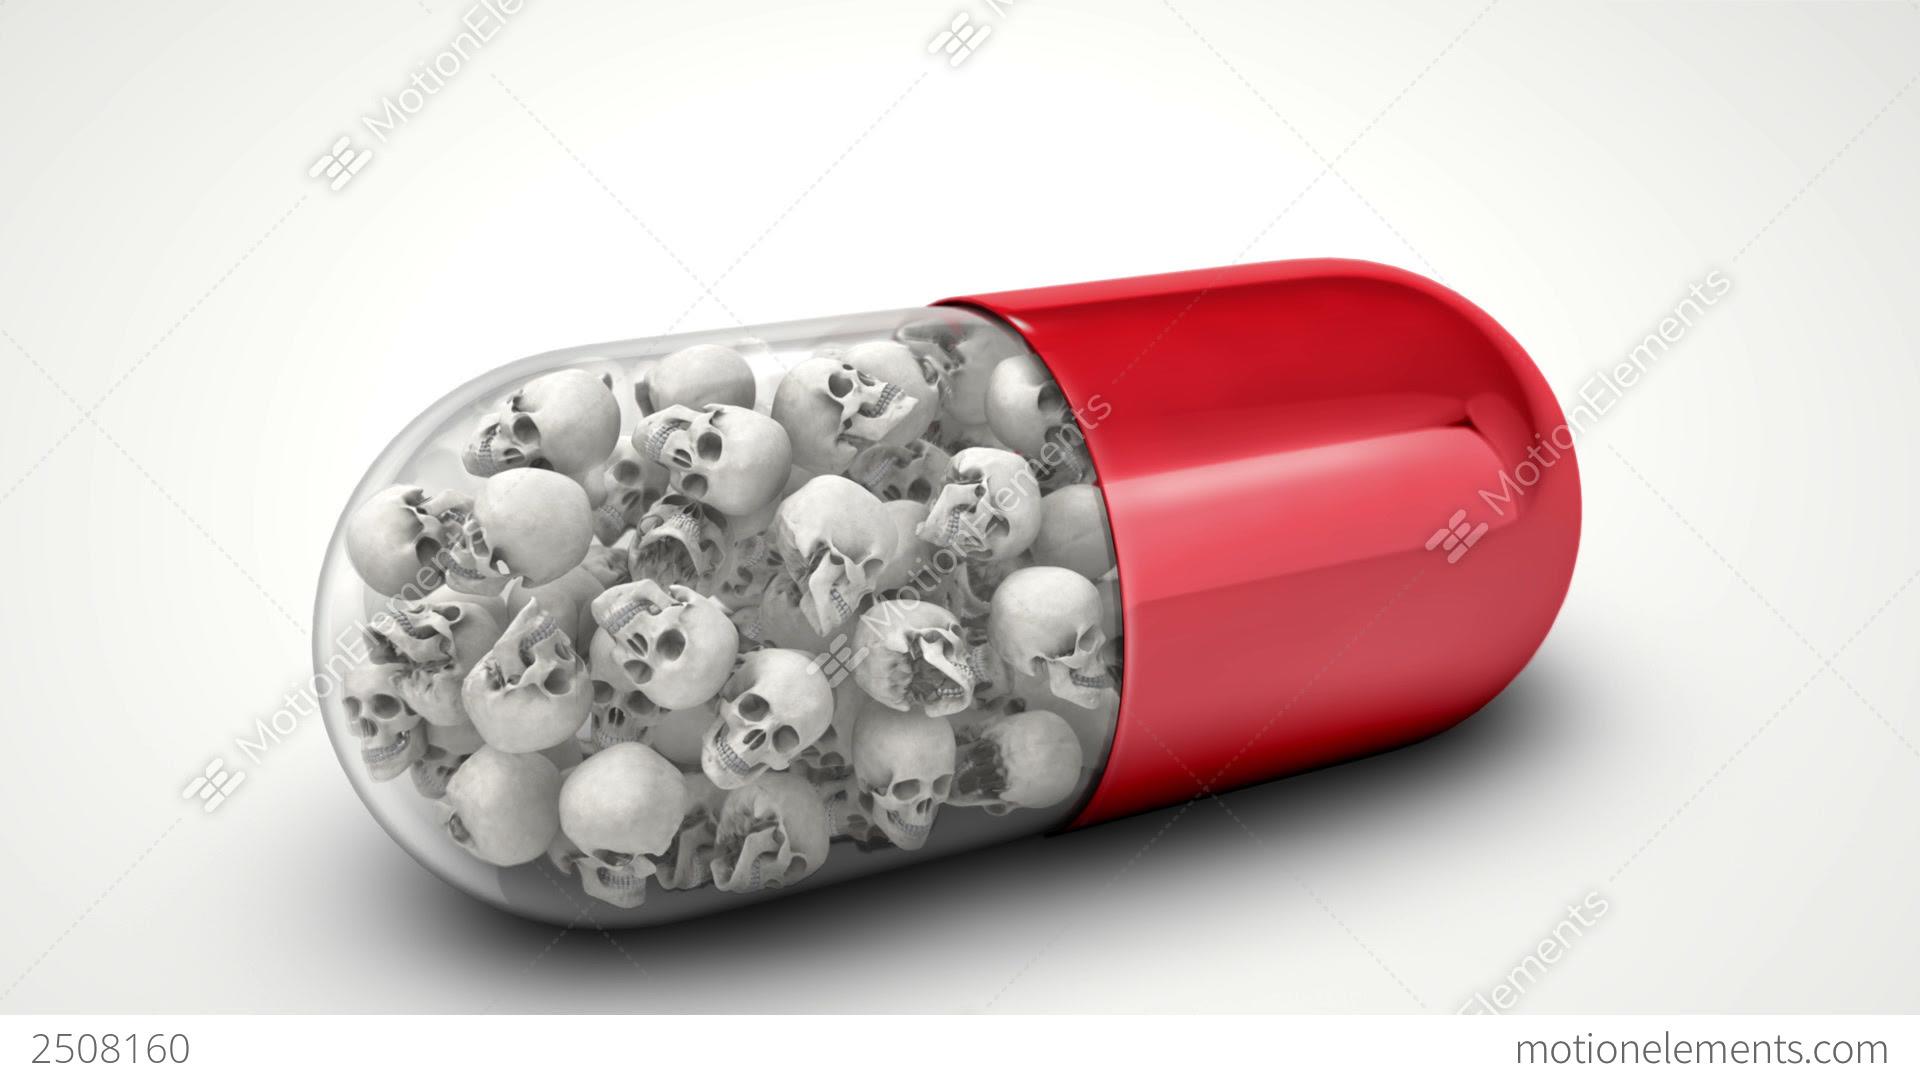 me2508160 dangerous drug hd a0060